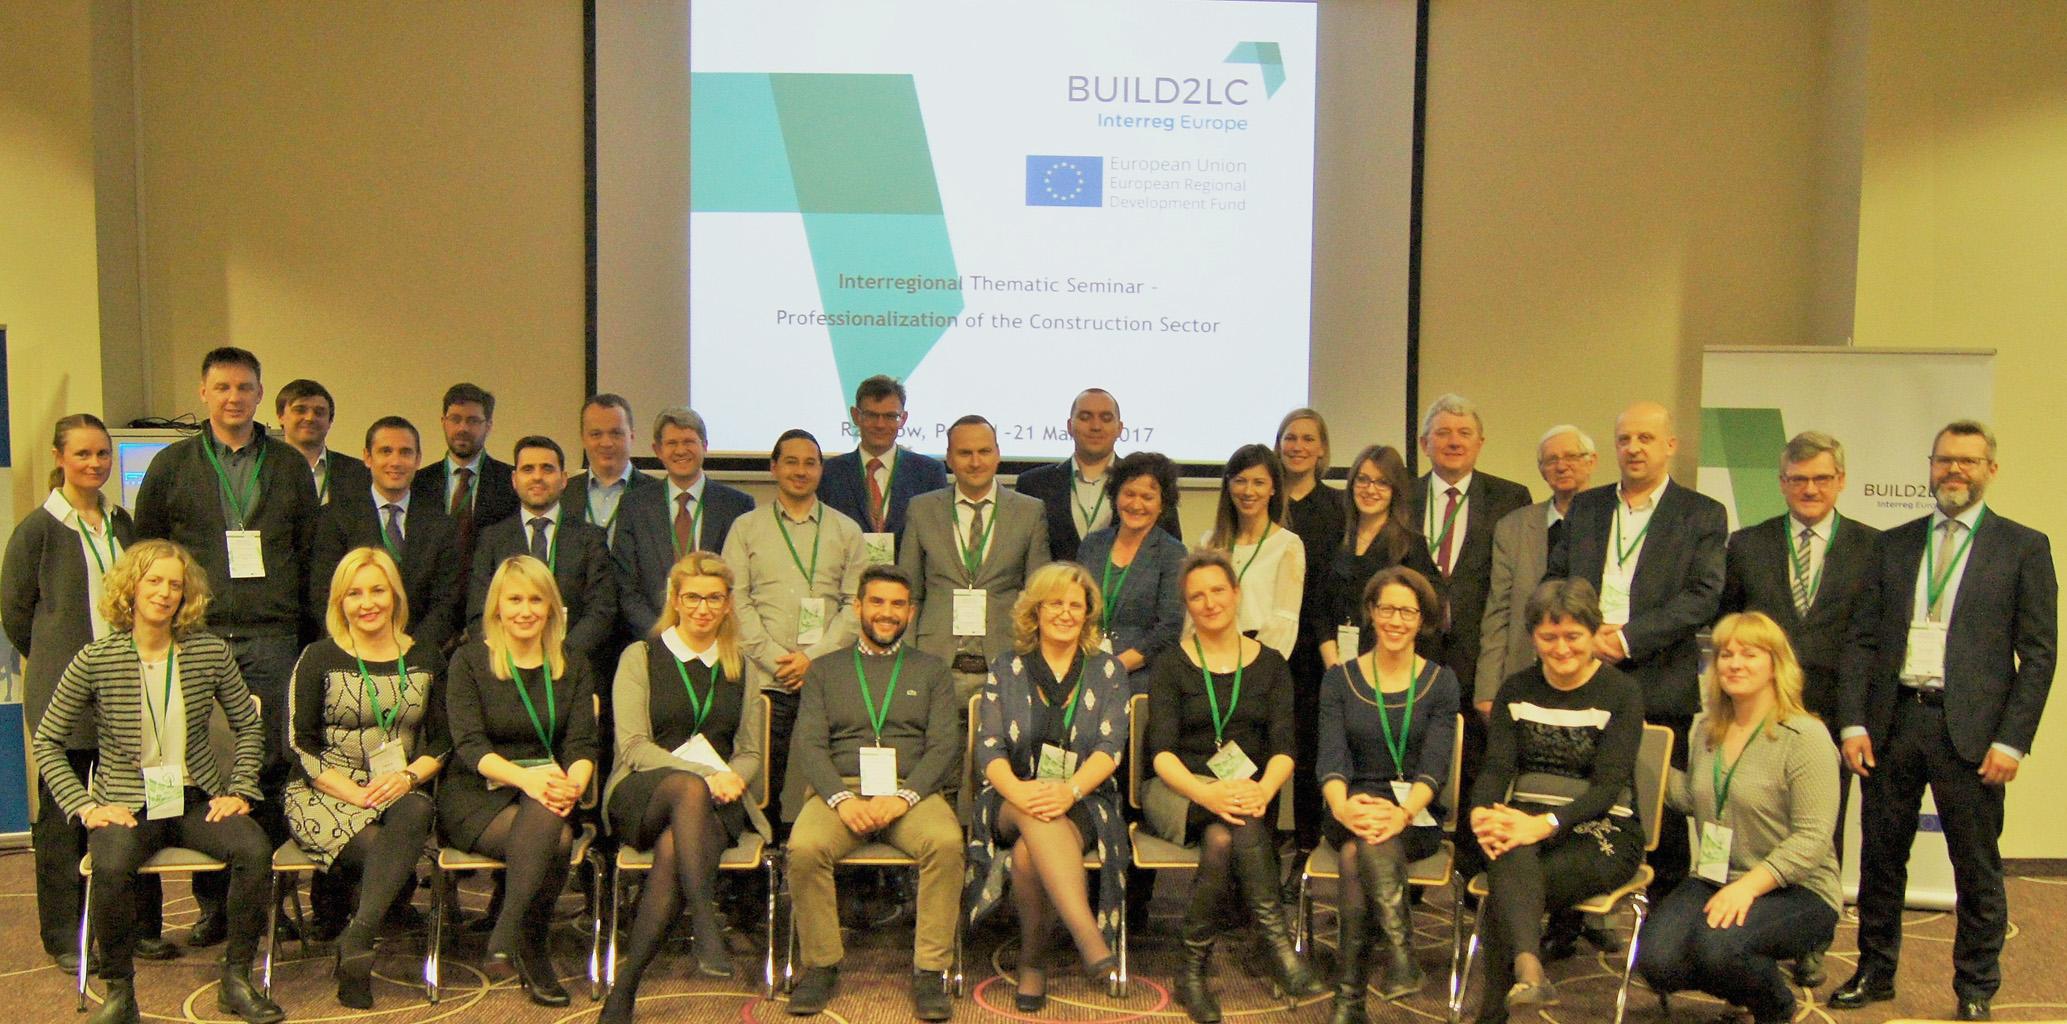 CLANER lleva a Europa el modelo andaluz de construcción energética sostenible